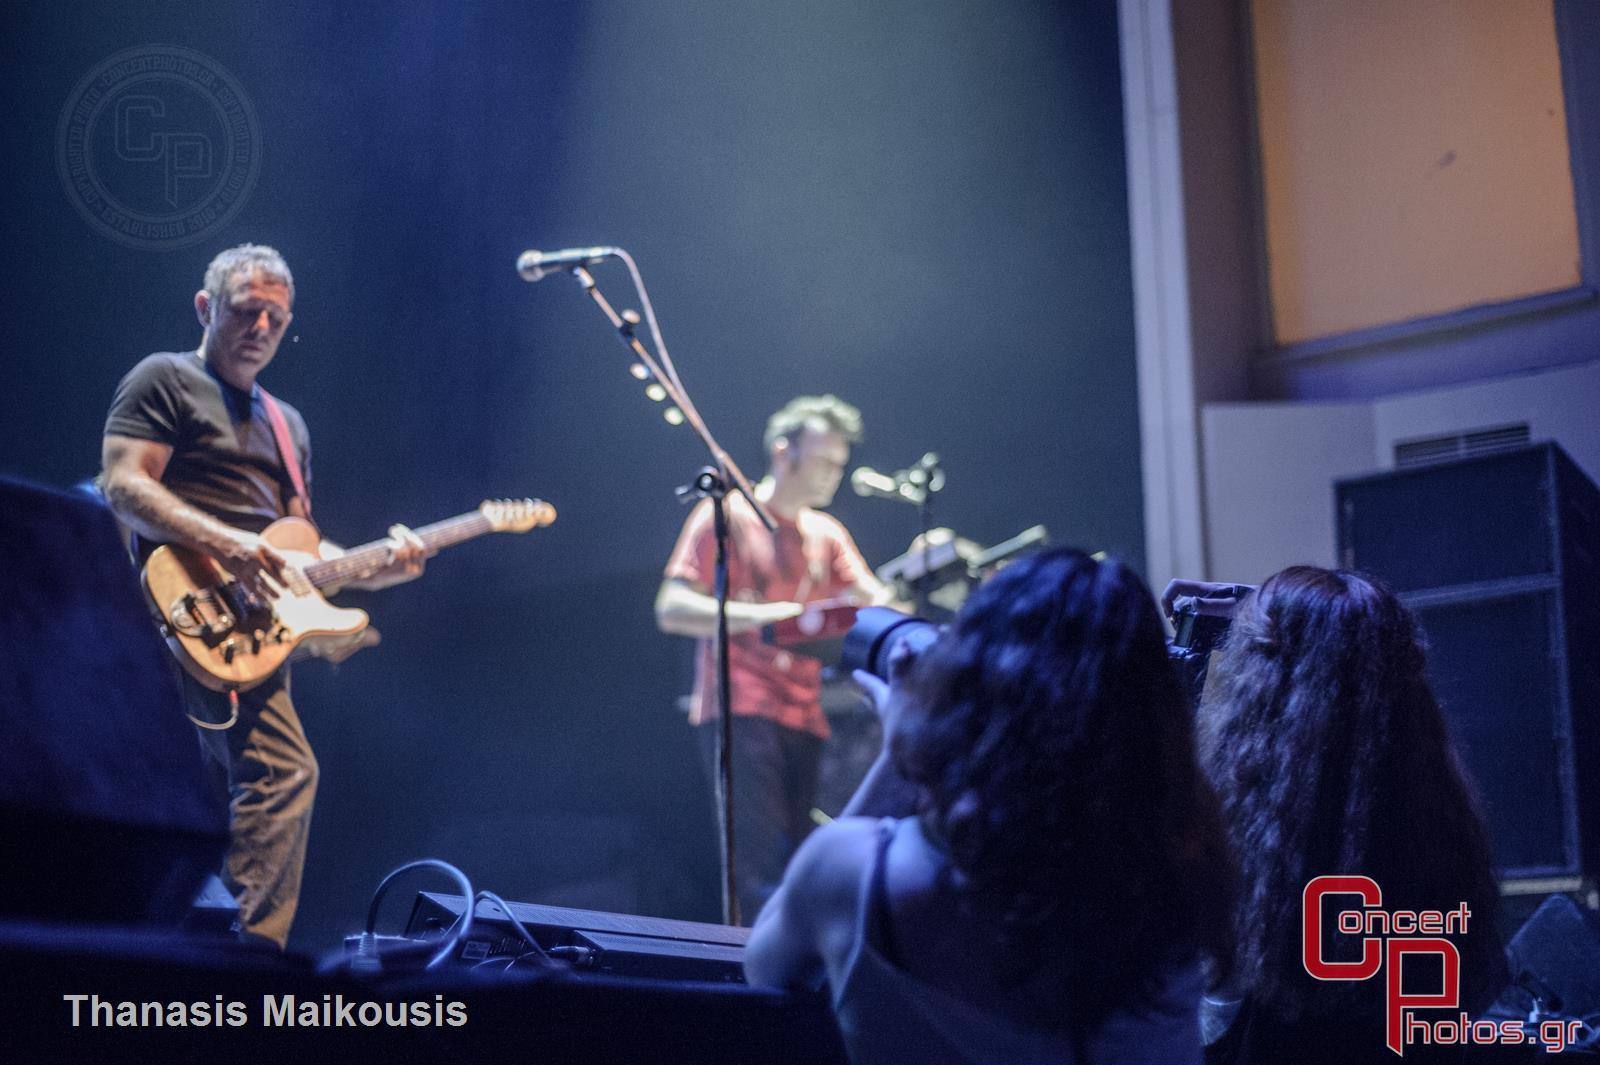 Παύλος Παυλίδης-Pavlidis-stage-volume1 photographer: Thanasis Maikousis - concertphotos_20140611_22_07_36